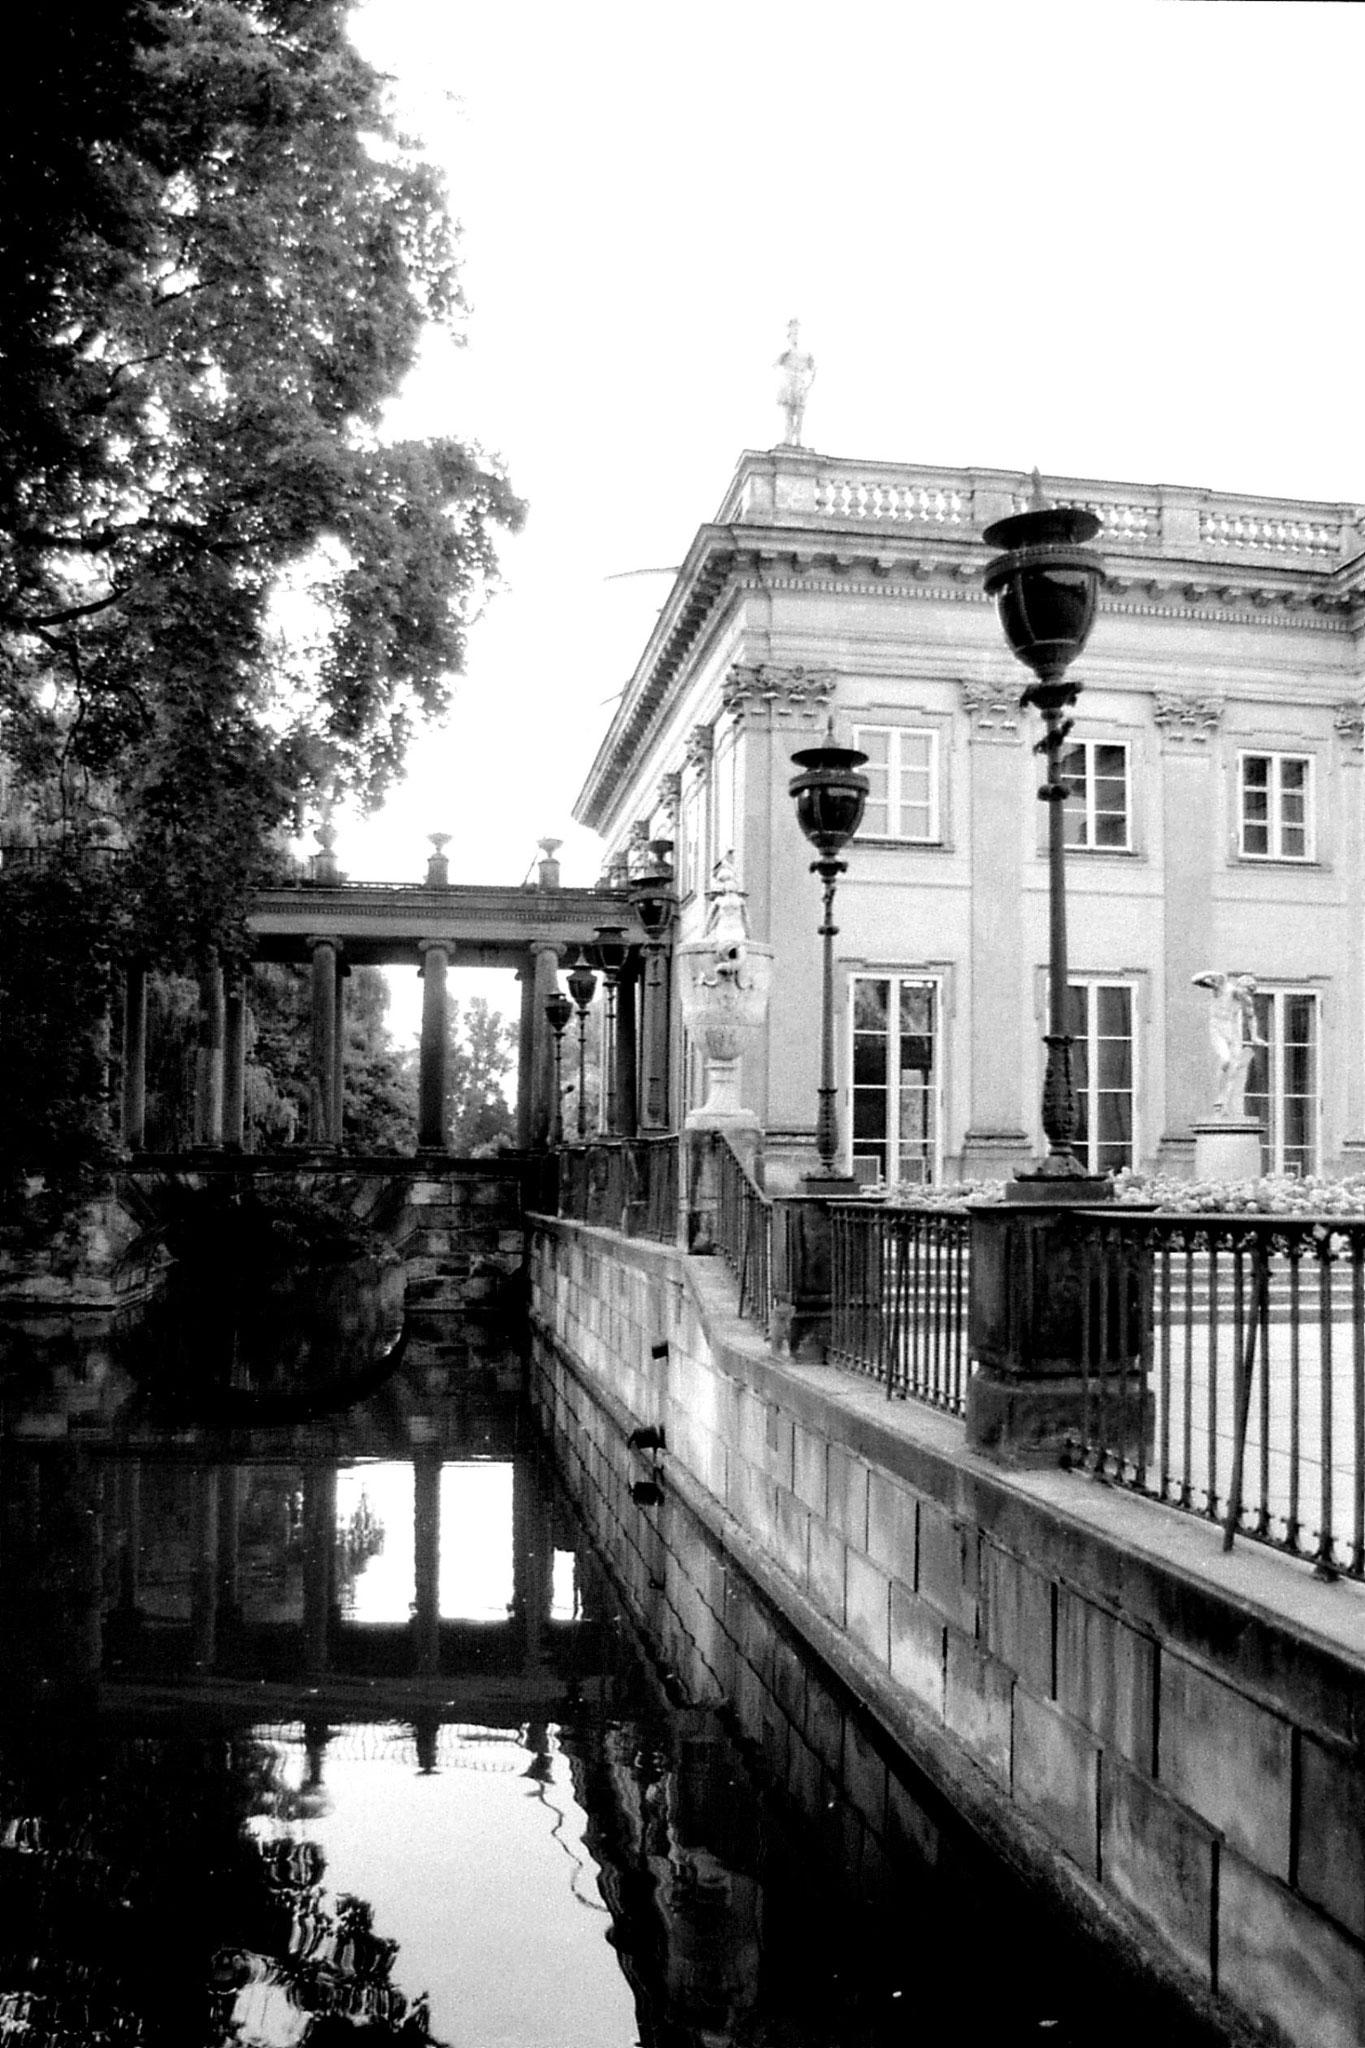 21/8/1988: 10: Lazienkowski Palace